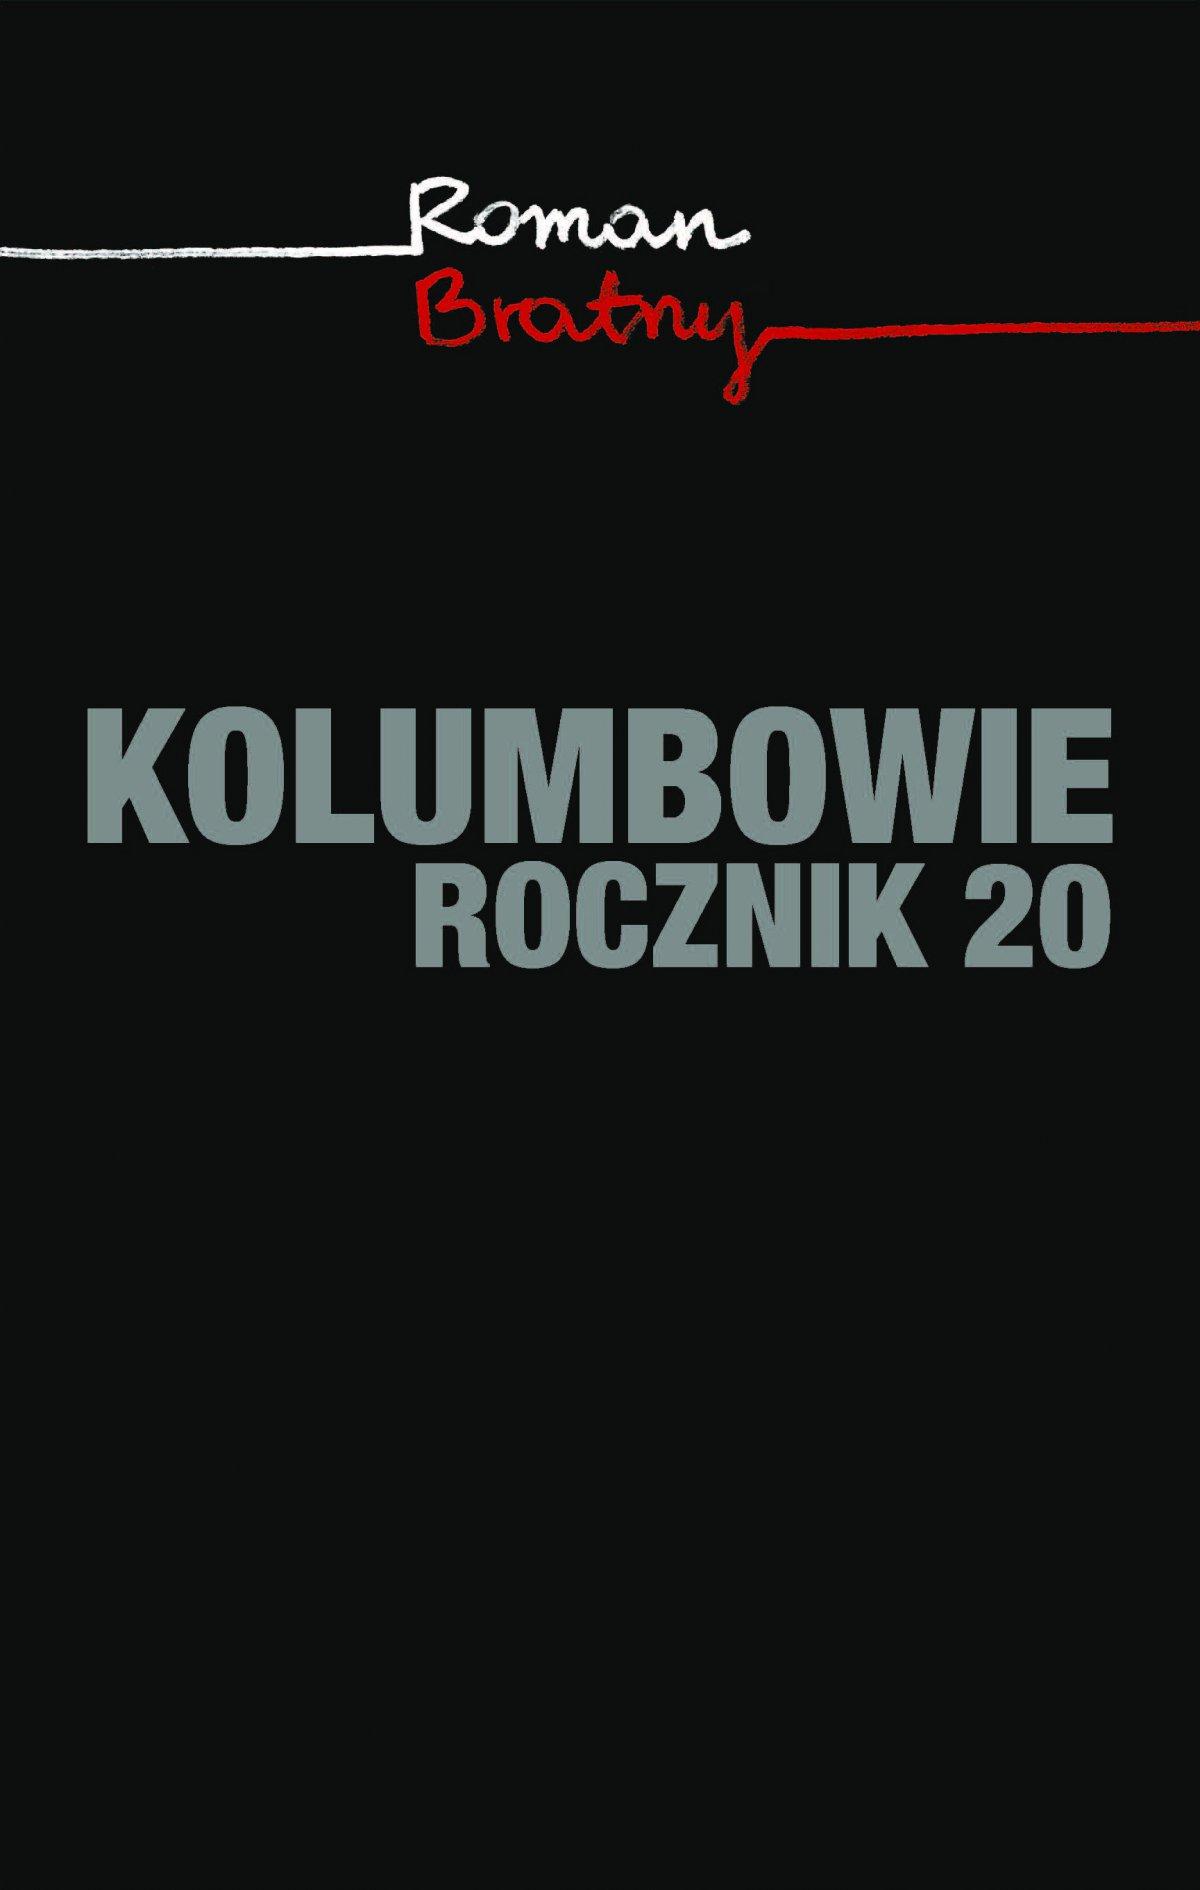 Kolumbowie. Rocznik 20 - Ebook (Książka EPUB) do pobrania w formacie EPUB